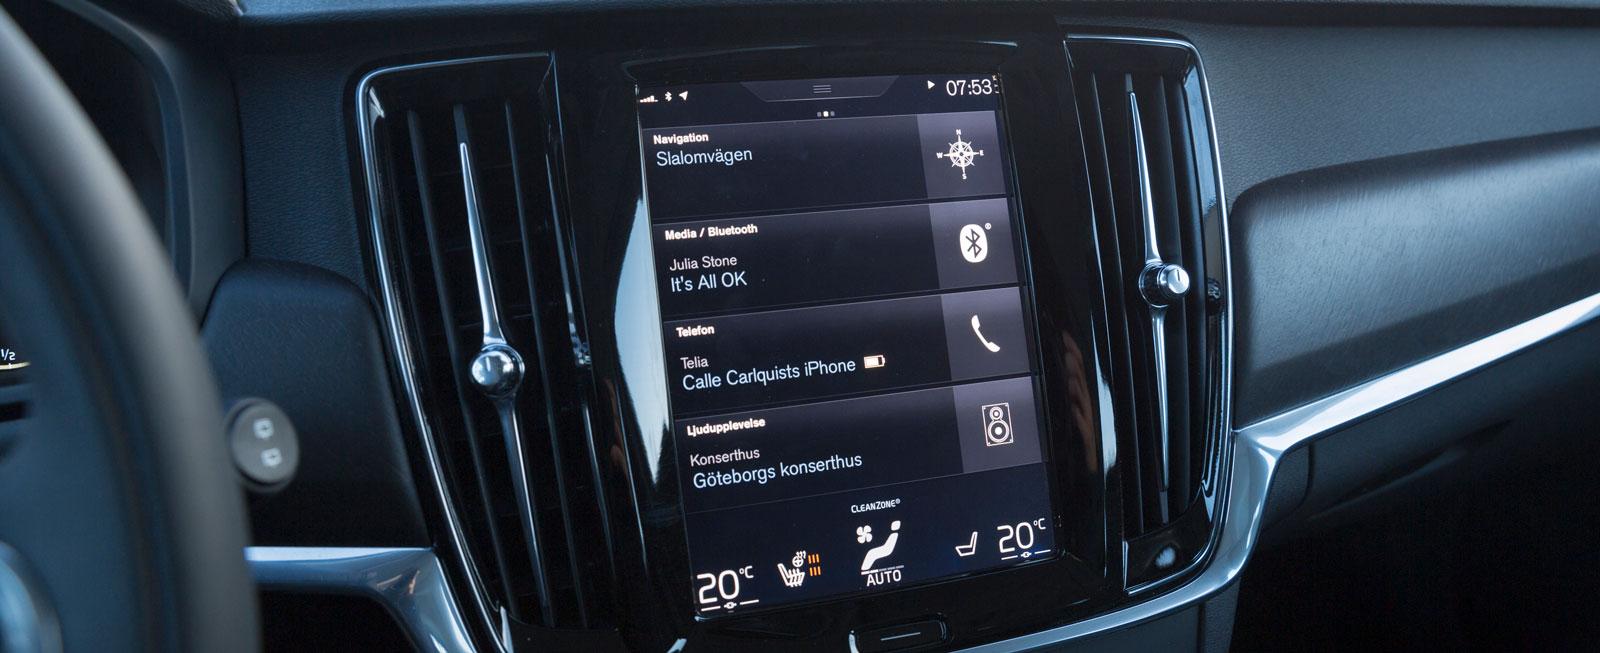 Volvos display  känns bekant att hantera. Åsikterna går isär, men man lär sig snart hur den ska hanteras. Kanske fler snabbsymboler nedtill kunde underlätta?